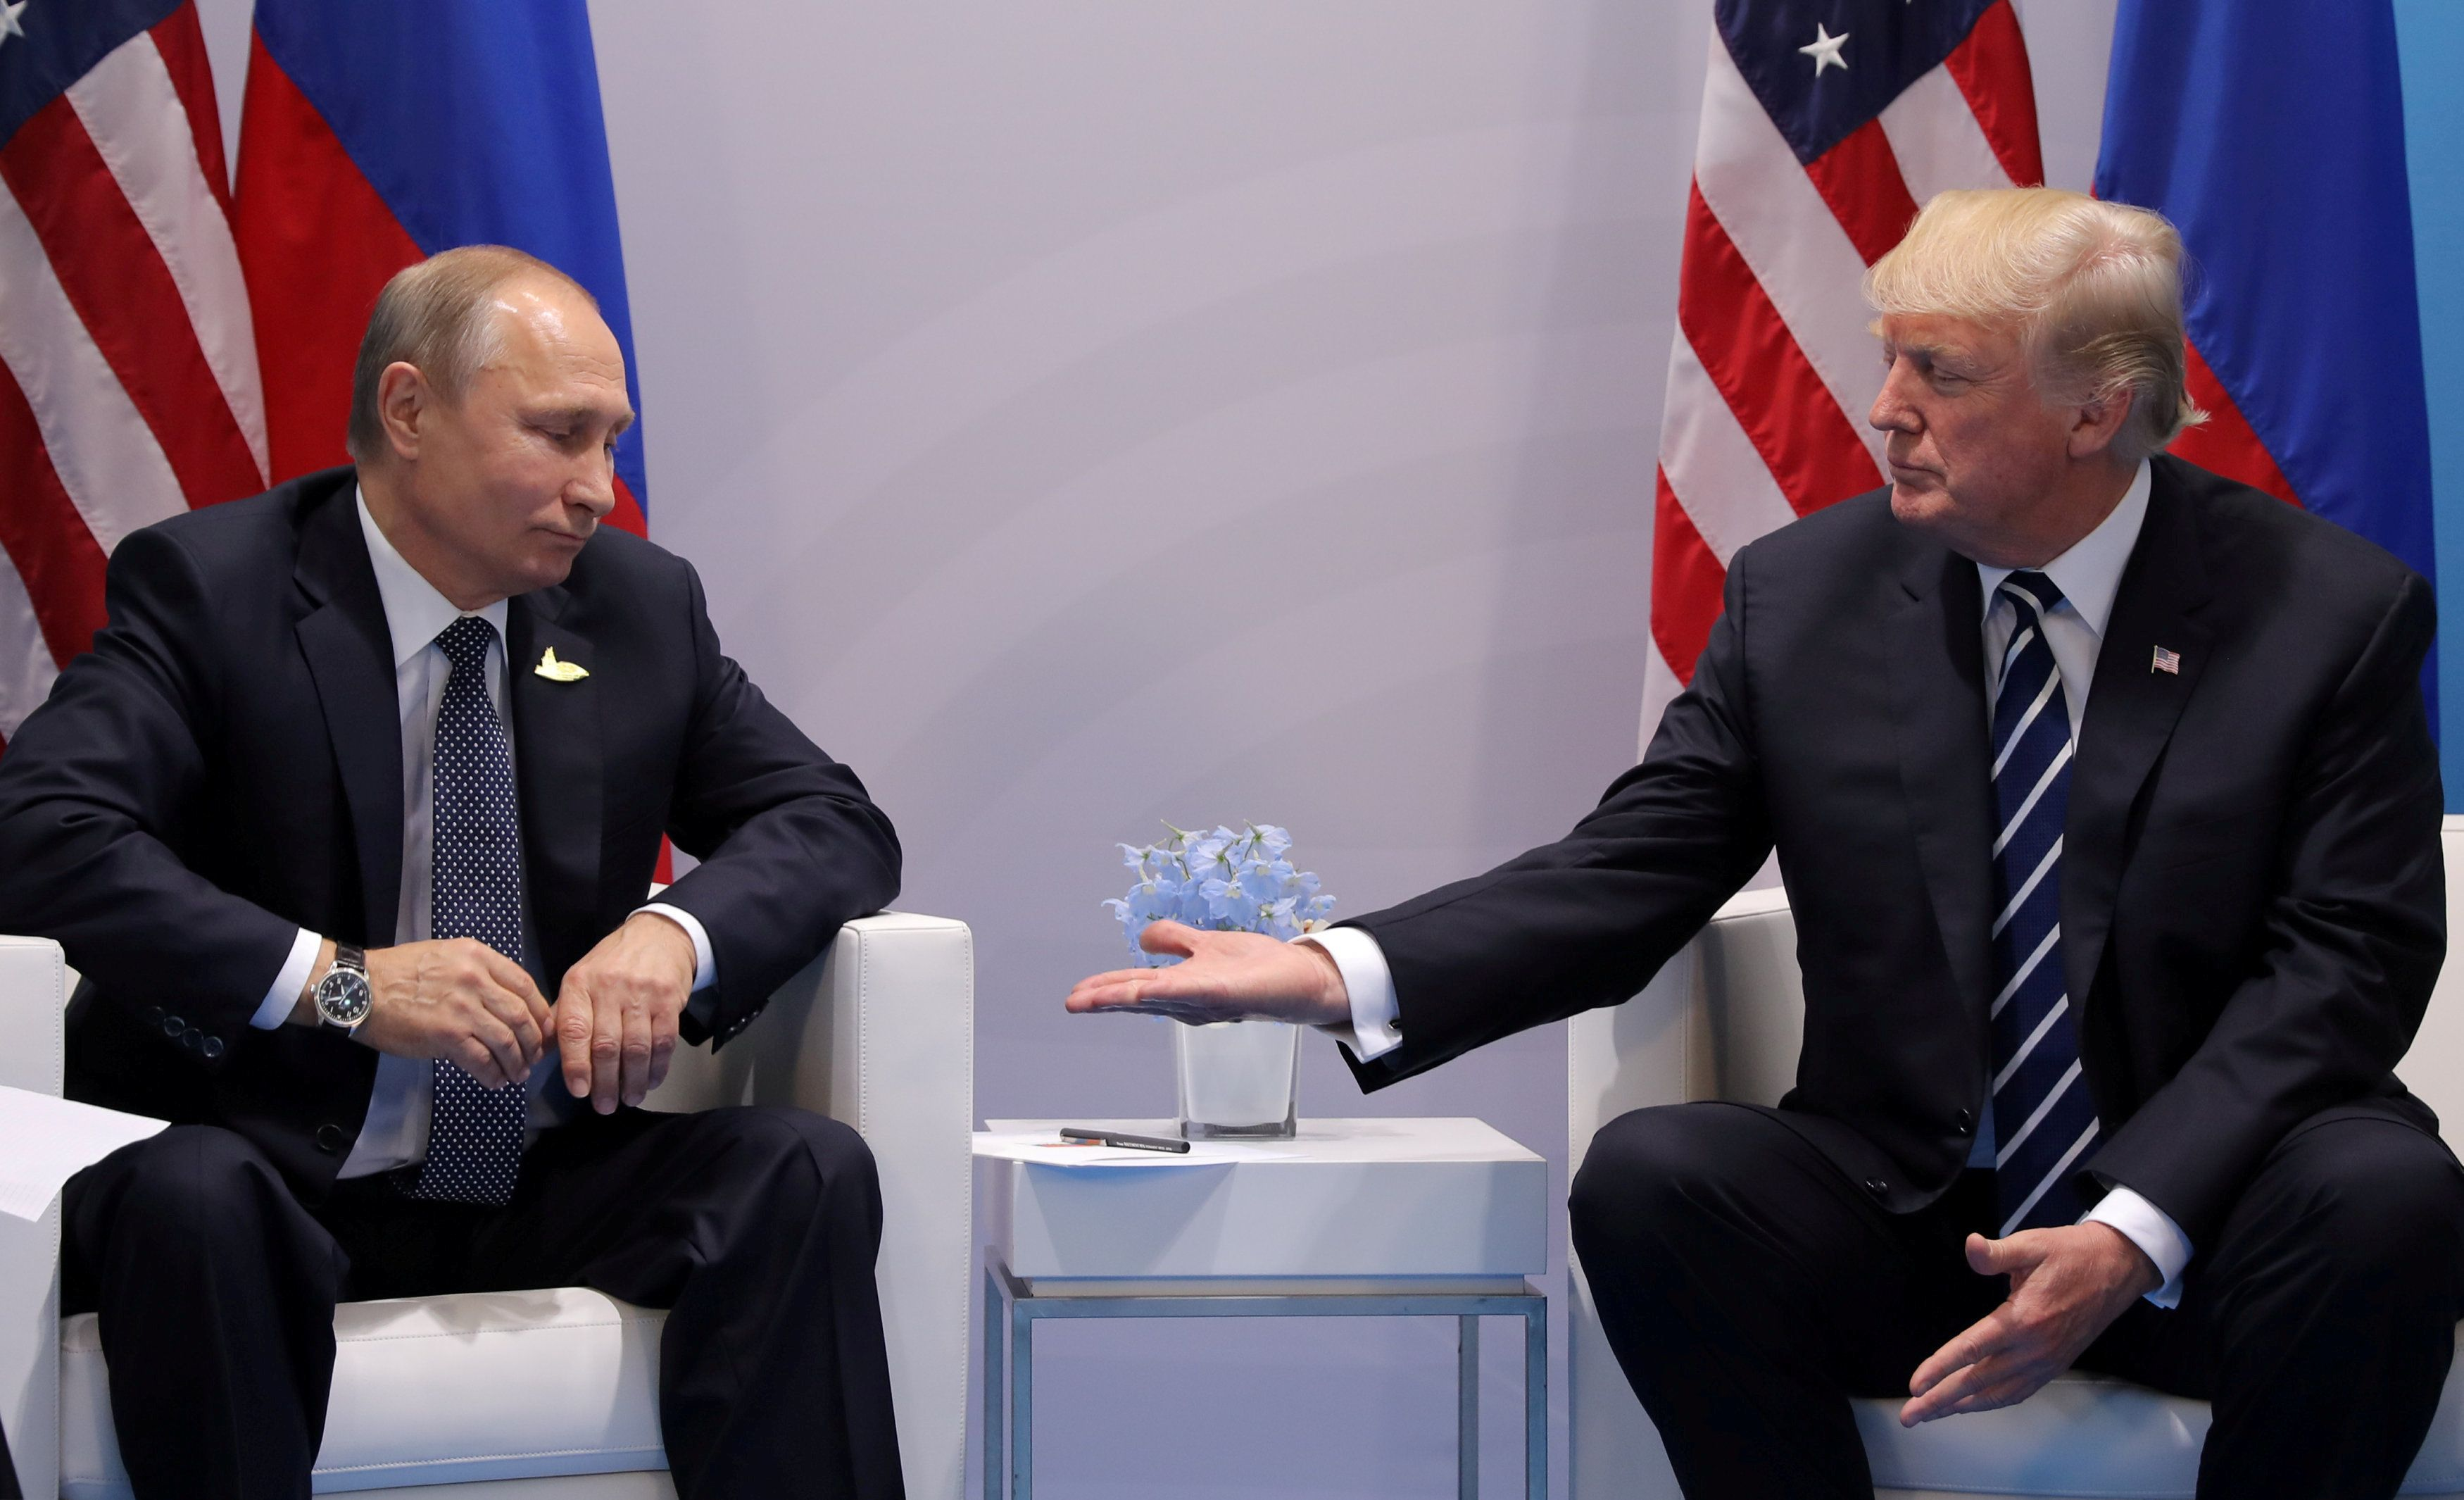 Ο Τραμπ και ο Πούτιν ψεύδονται συστηματικά, συνειδητά και το κάνουν πολύ